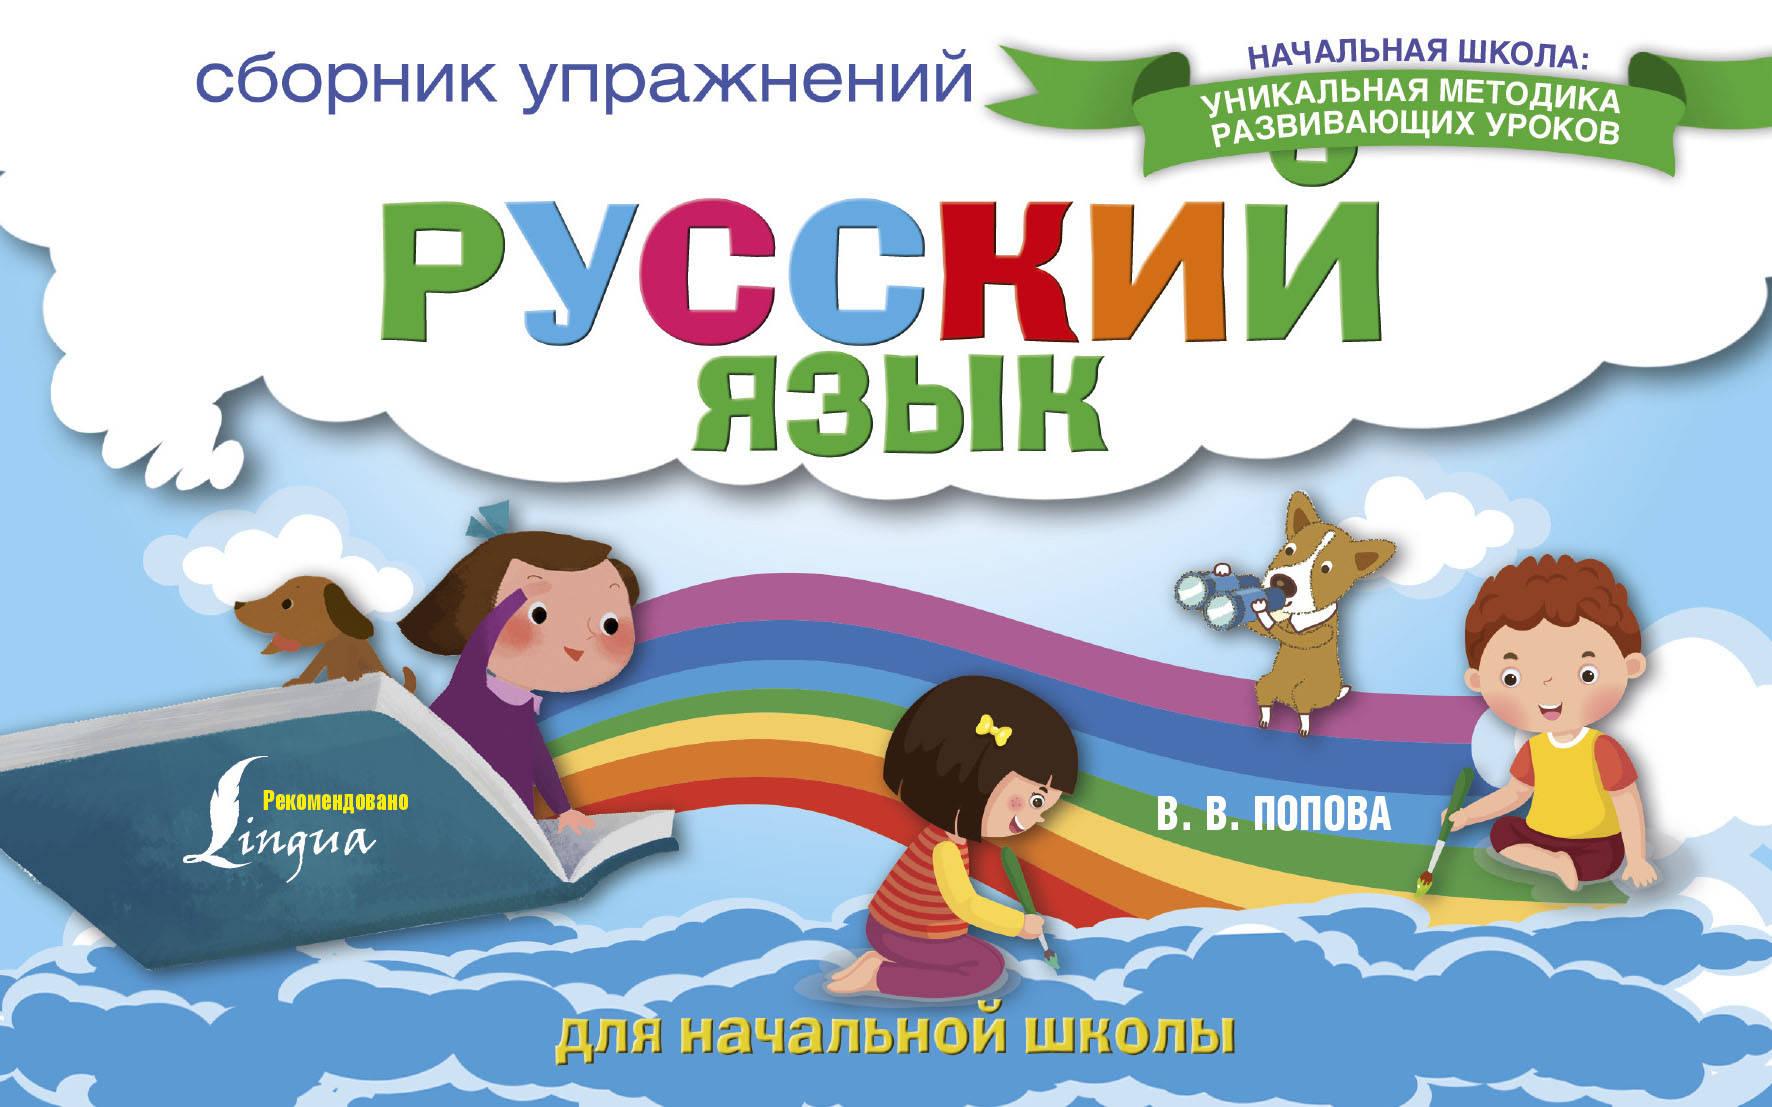 В. В. Попова Русский язык. Сборник упражнений для начальной школы наглядность для начальной школы